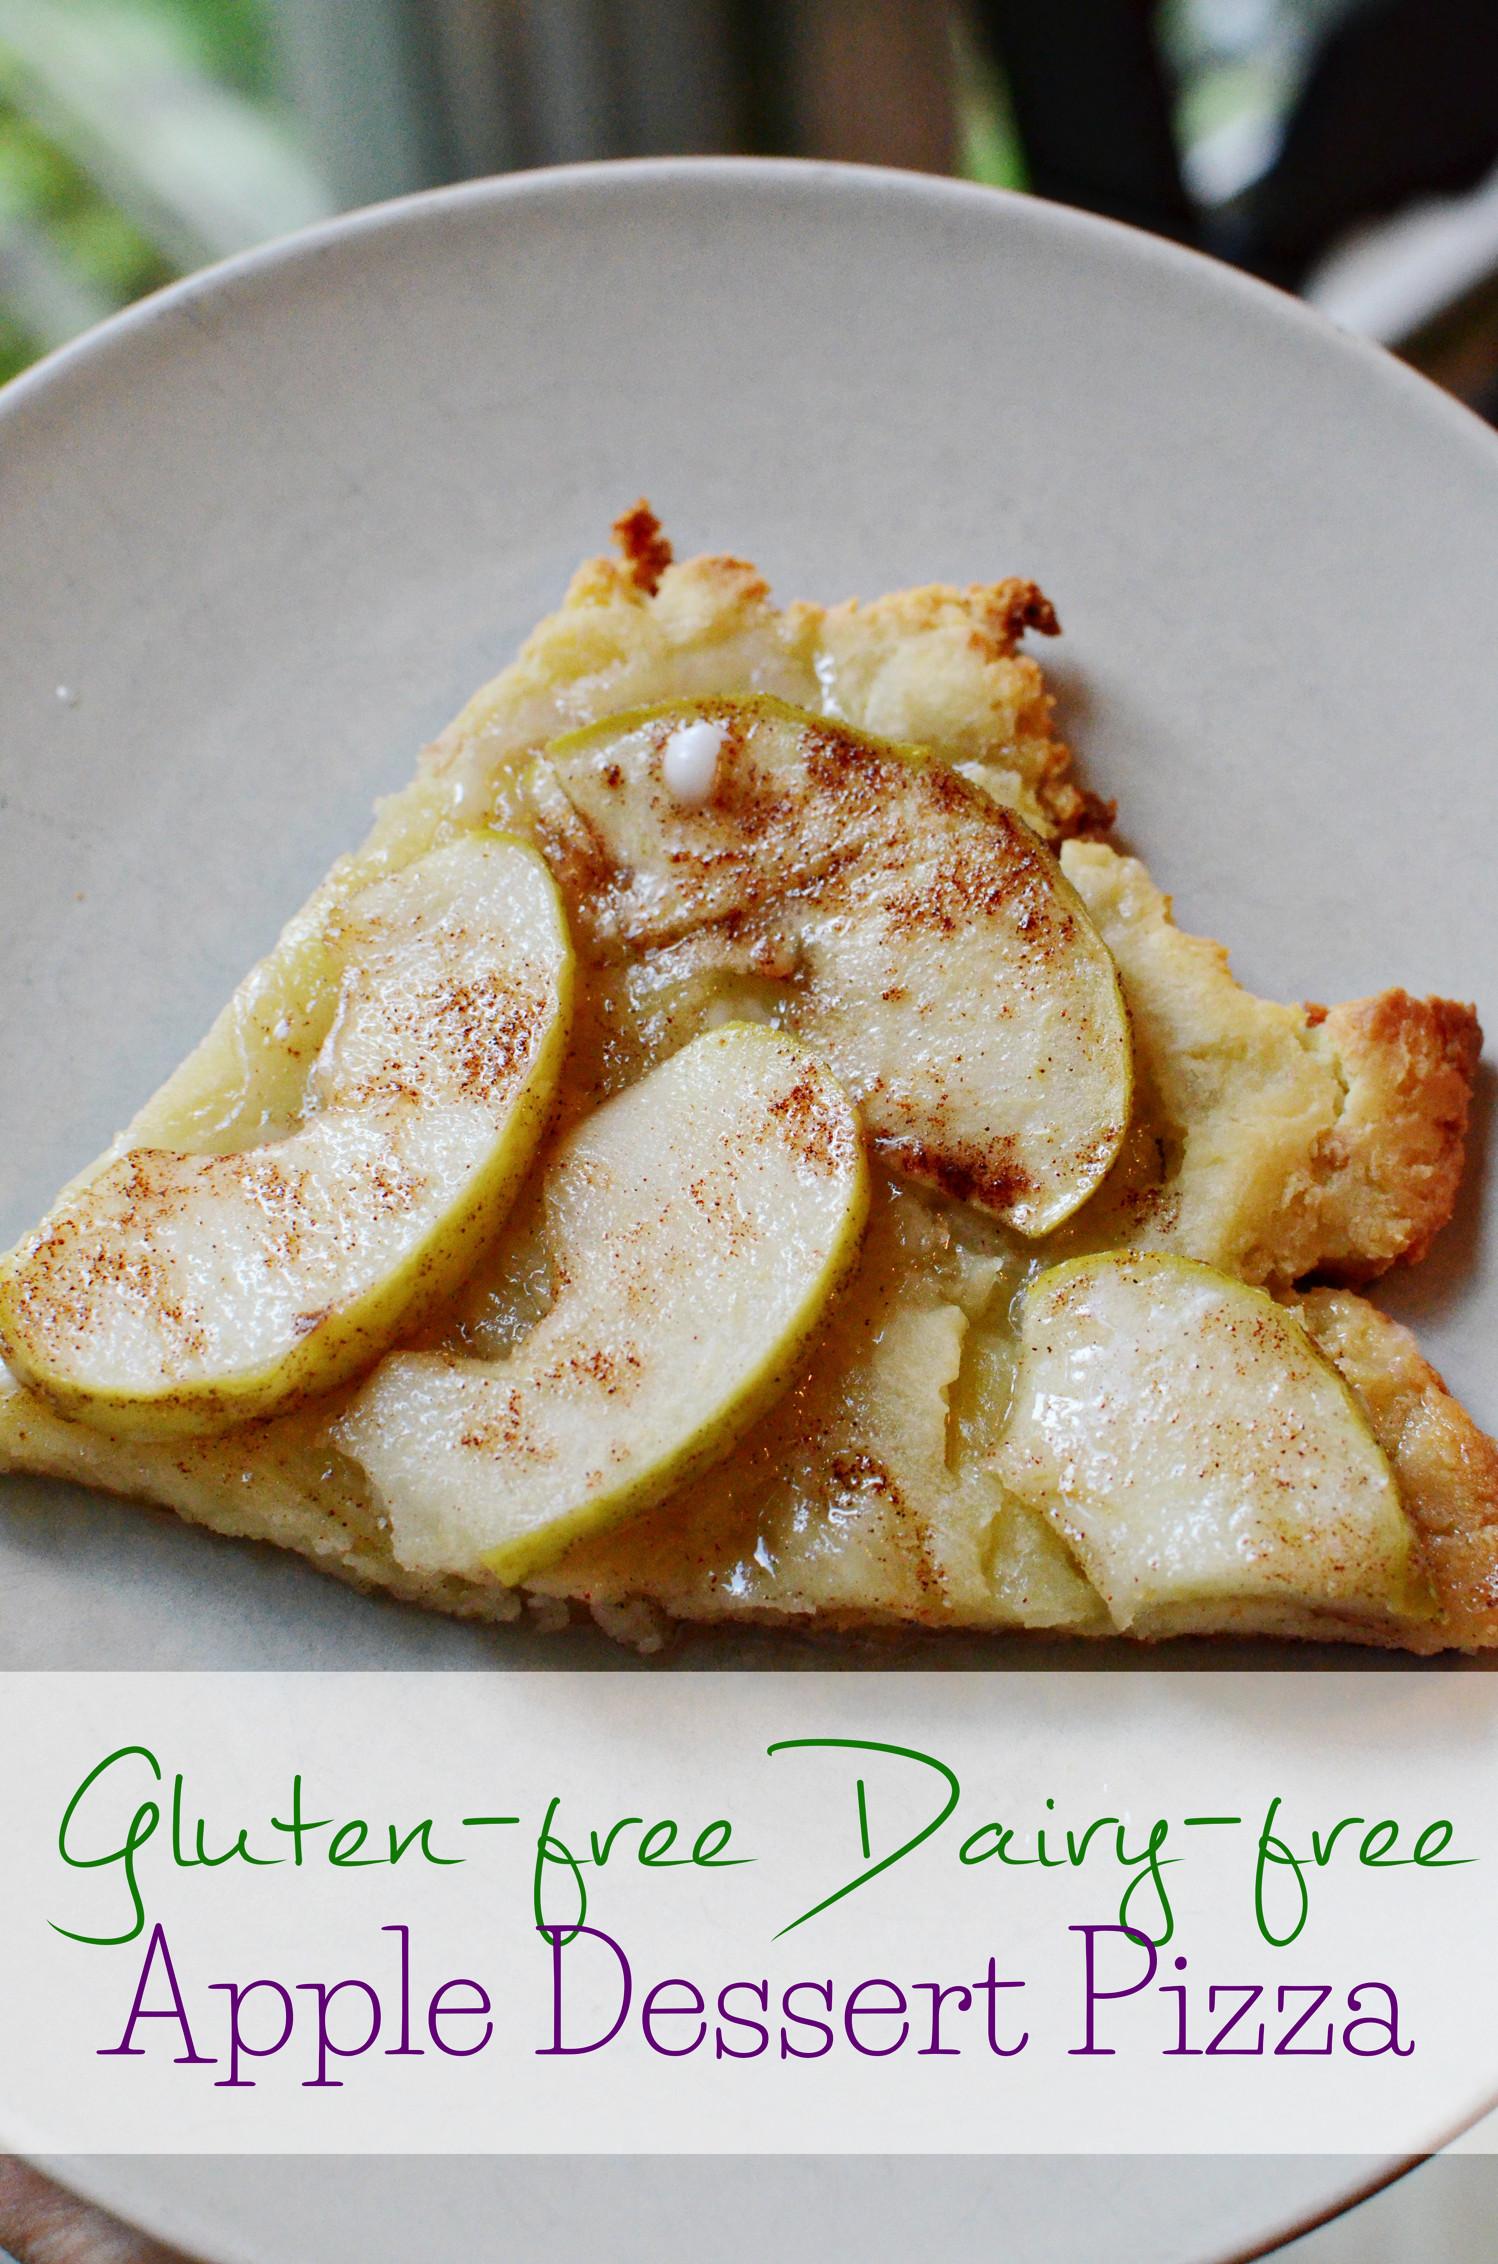 Dairy Free Desserts To Buy  Gluten Free Dairy Free Apple Dessert Pizza